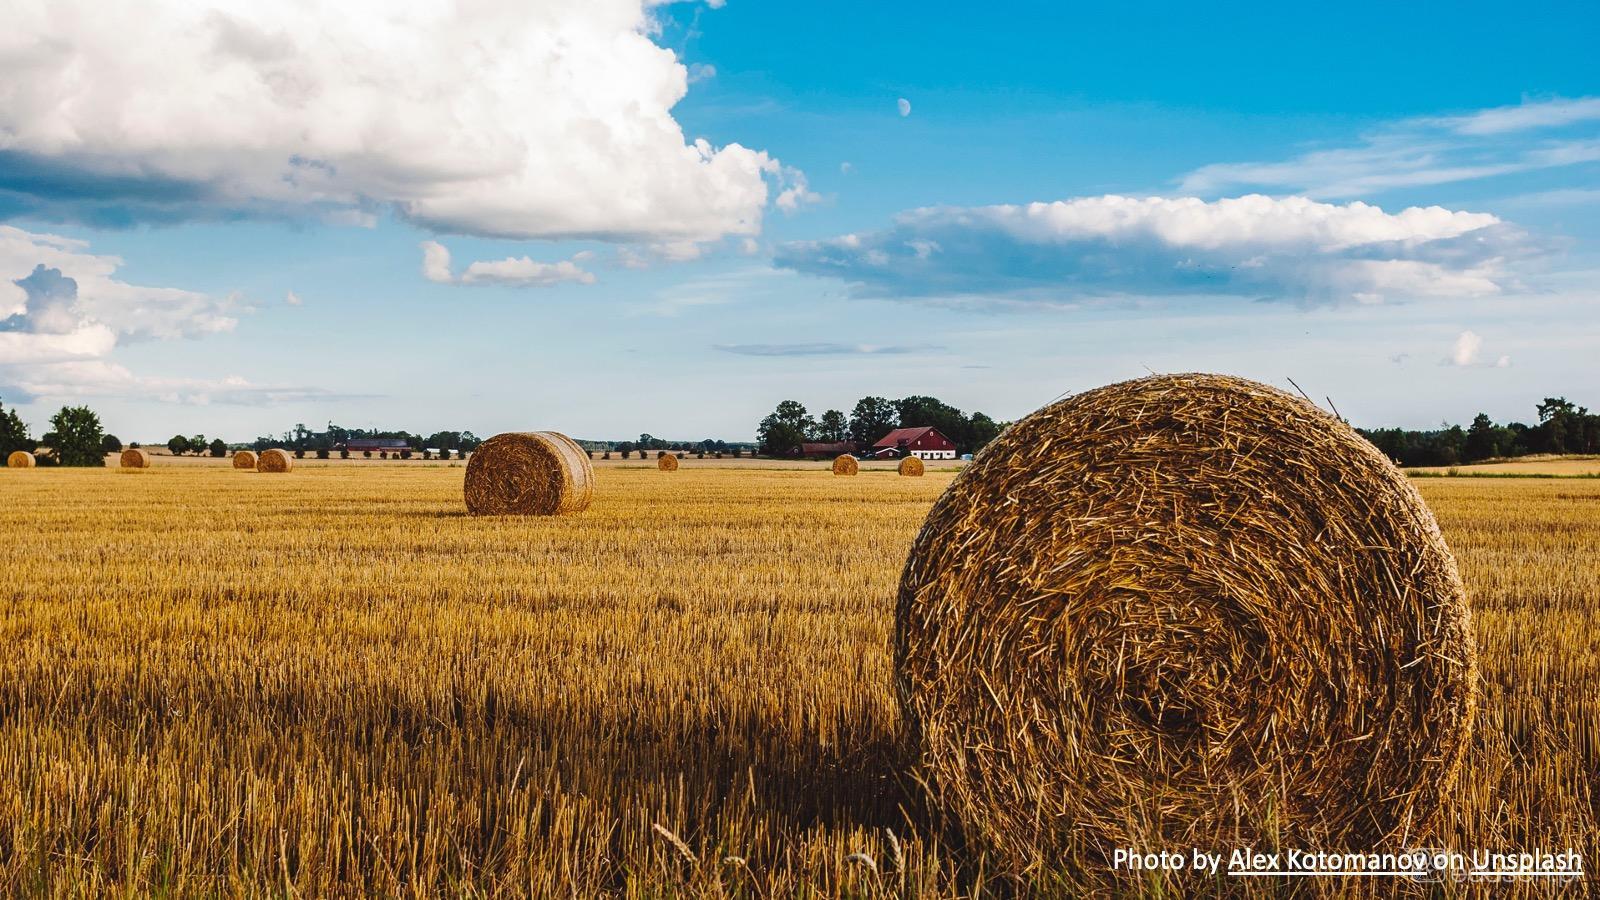 #34 Nadnercza czy pola... nadnerczowe? - Portal wymiany wiedzy o ultrasonografii - Eduson